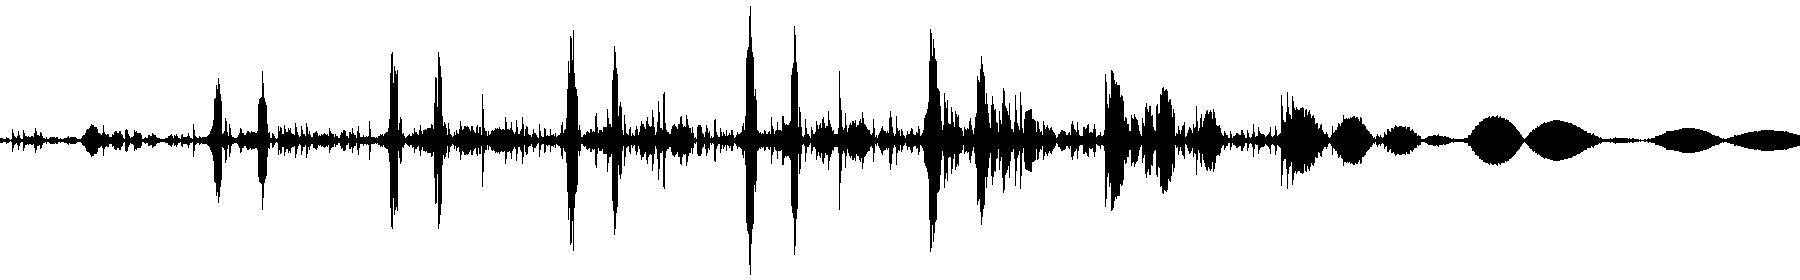 veh2 synths   127 c